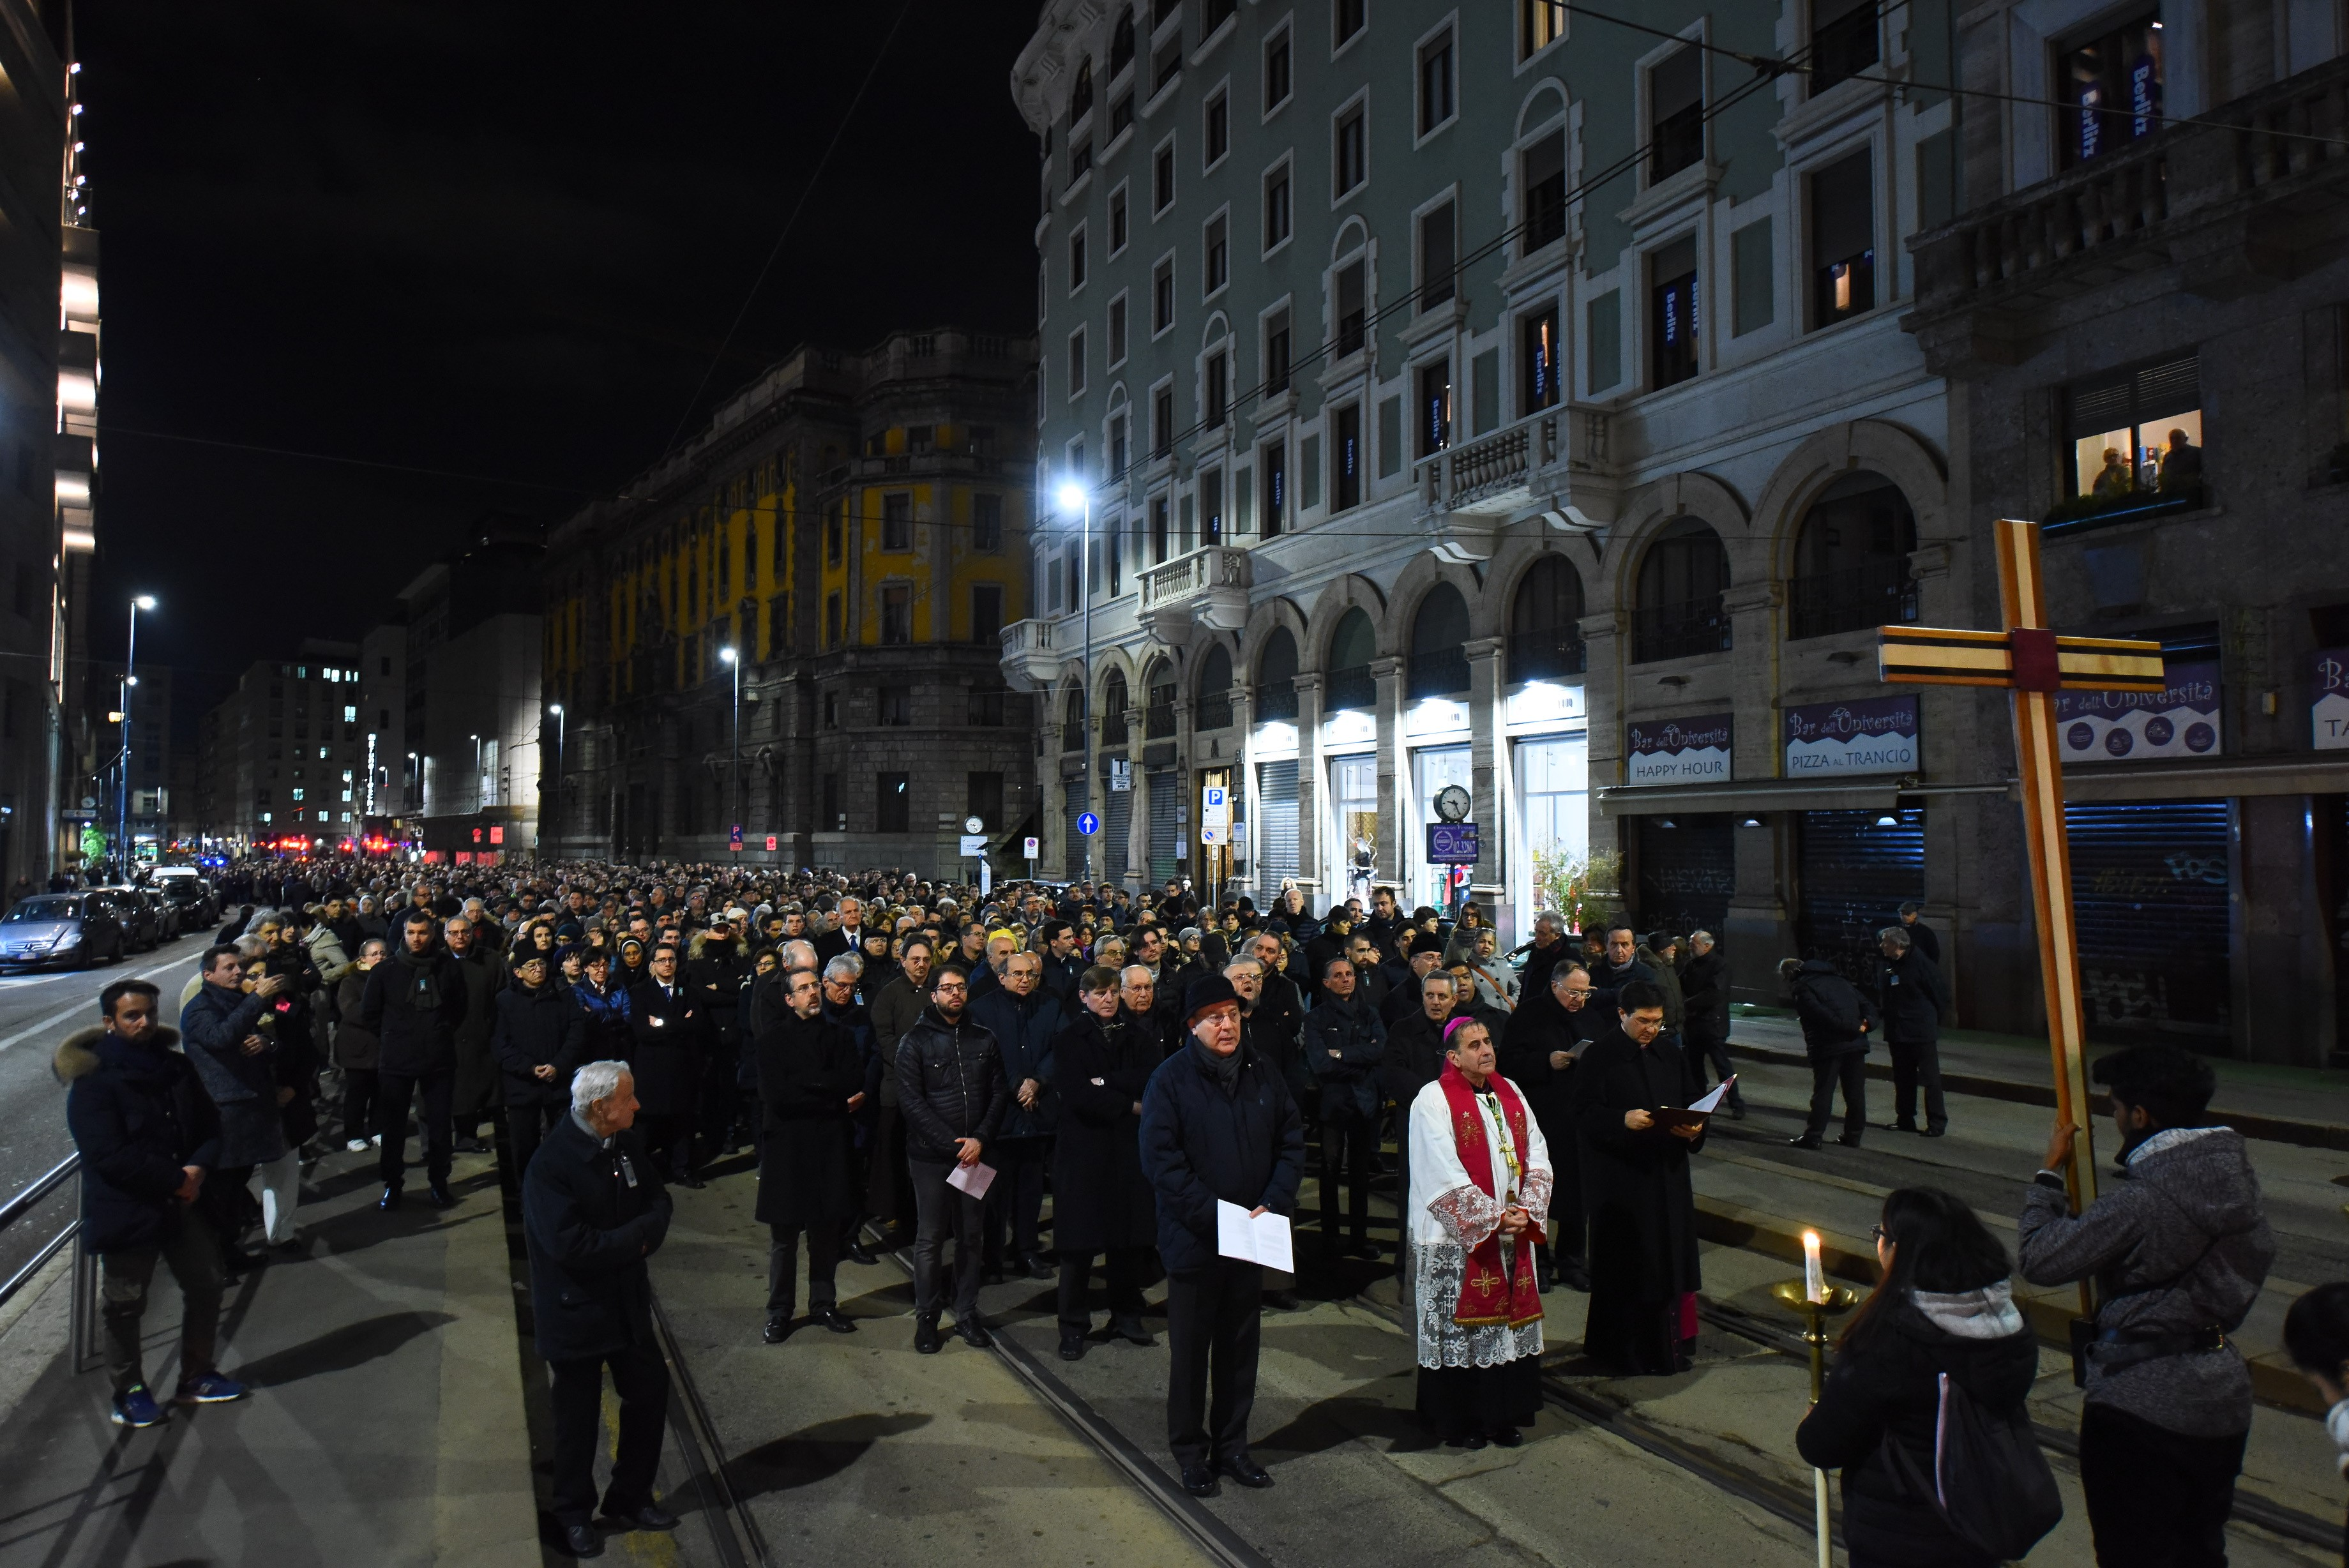 Ufficio Scolastico Milano Nuovo Sito : Via crucis: portare speranza a un mondo senza gioia a una società